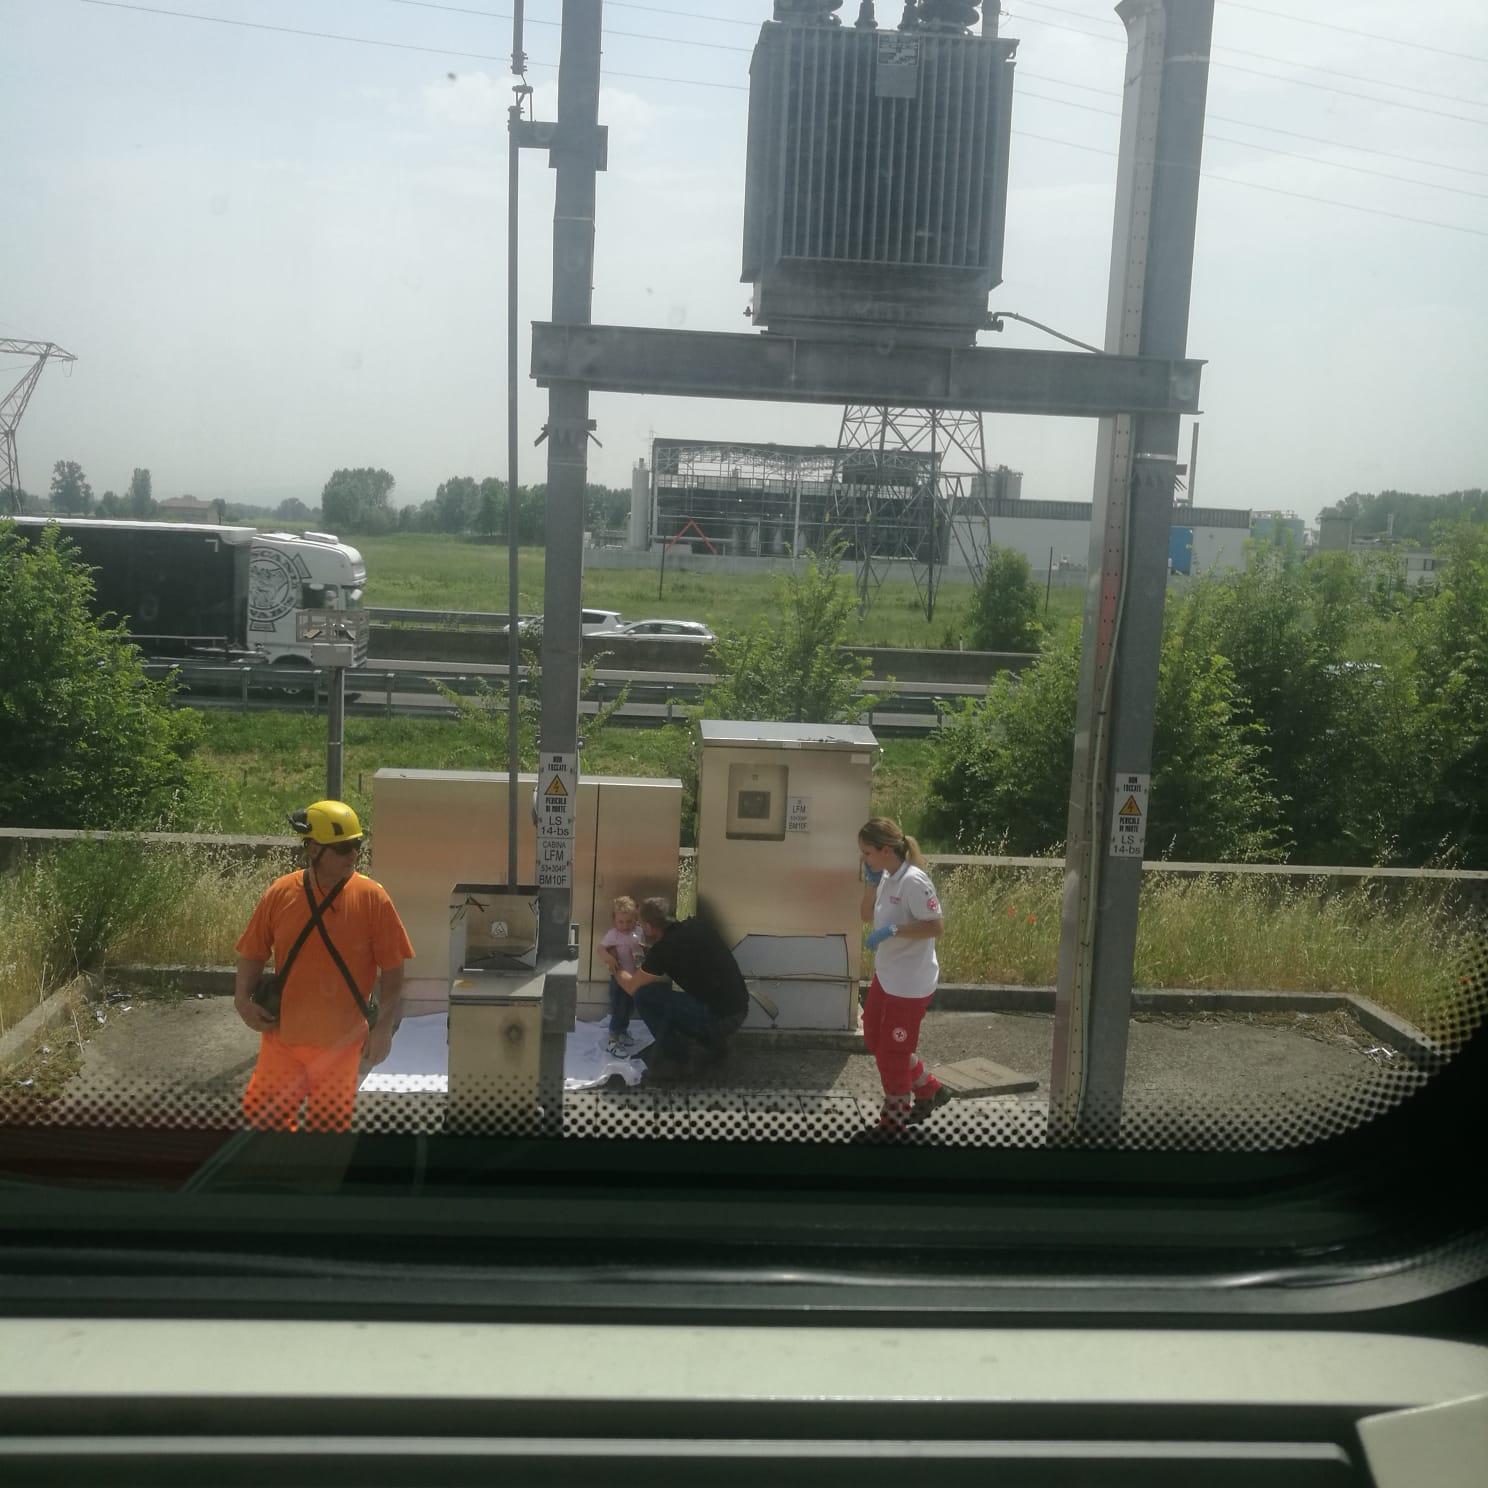 Frecciarossa bloccato a Reggio Emilia per un guasto, odissea per i passeggeri